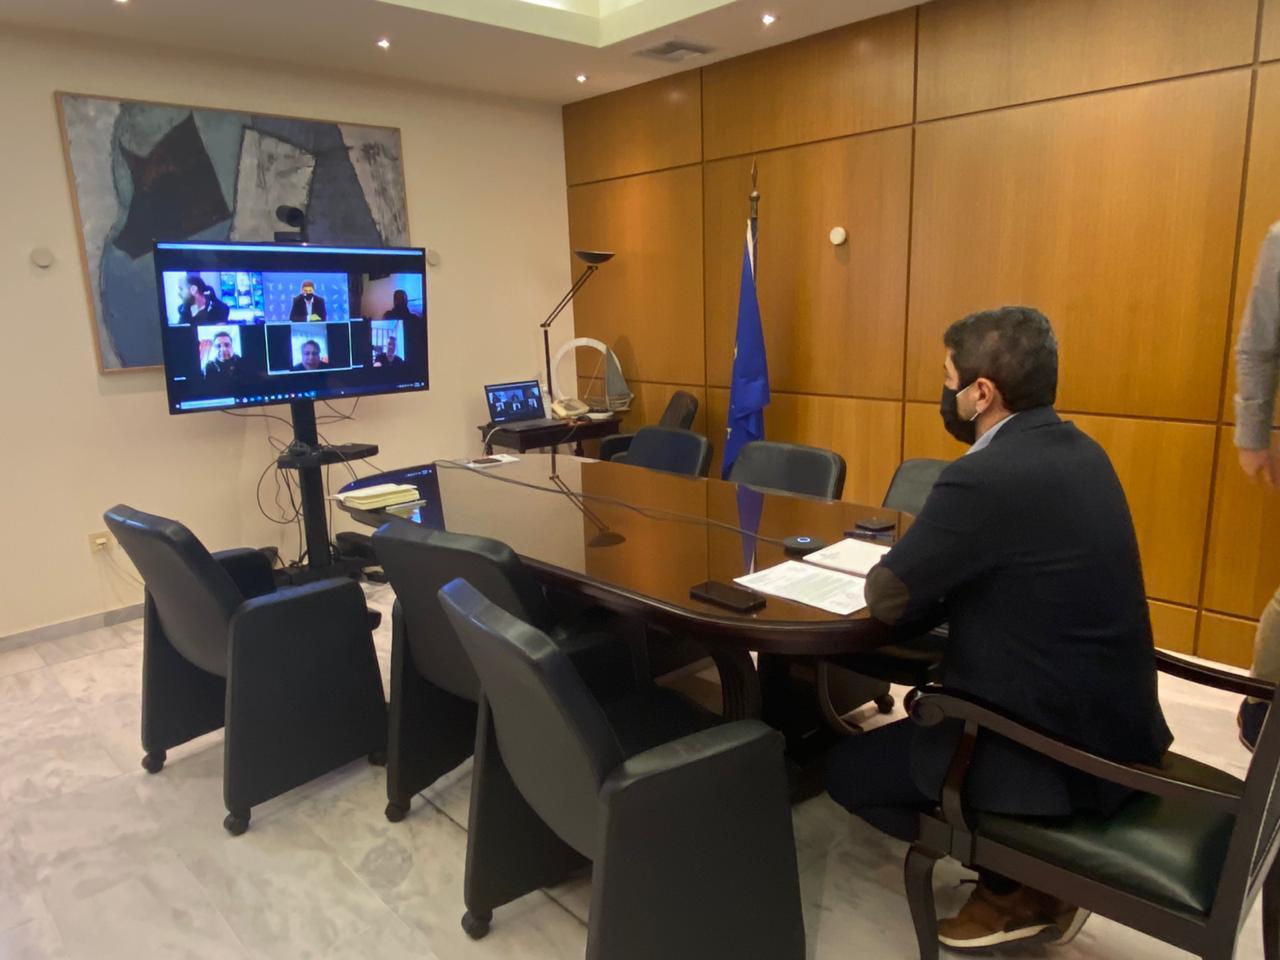 Διαδικτυακή Συνάντηση Υφ. Αθλητισμού Λ. Αυγενάκη με τον Σύλλογο Επαγγελματιών Πρακτόρων ΟΠΑΠ Ν. Ηρακλείου